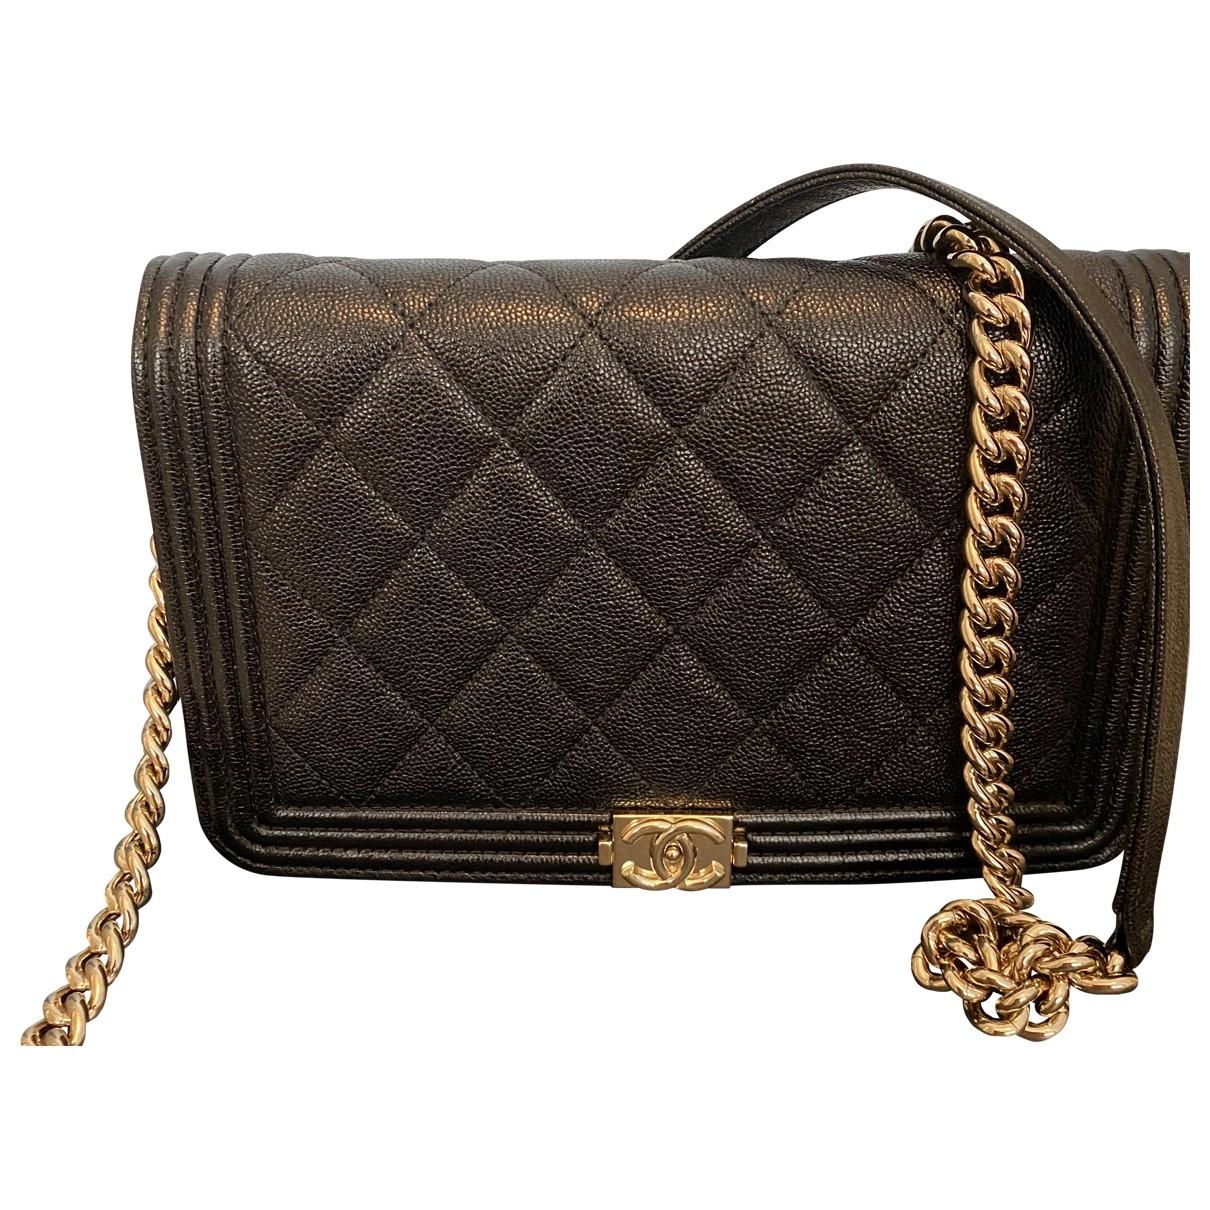 Chanel - Sac a main Wallet on Chain pour femme en cuir - noir